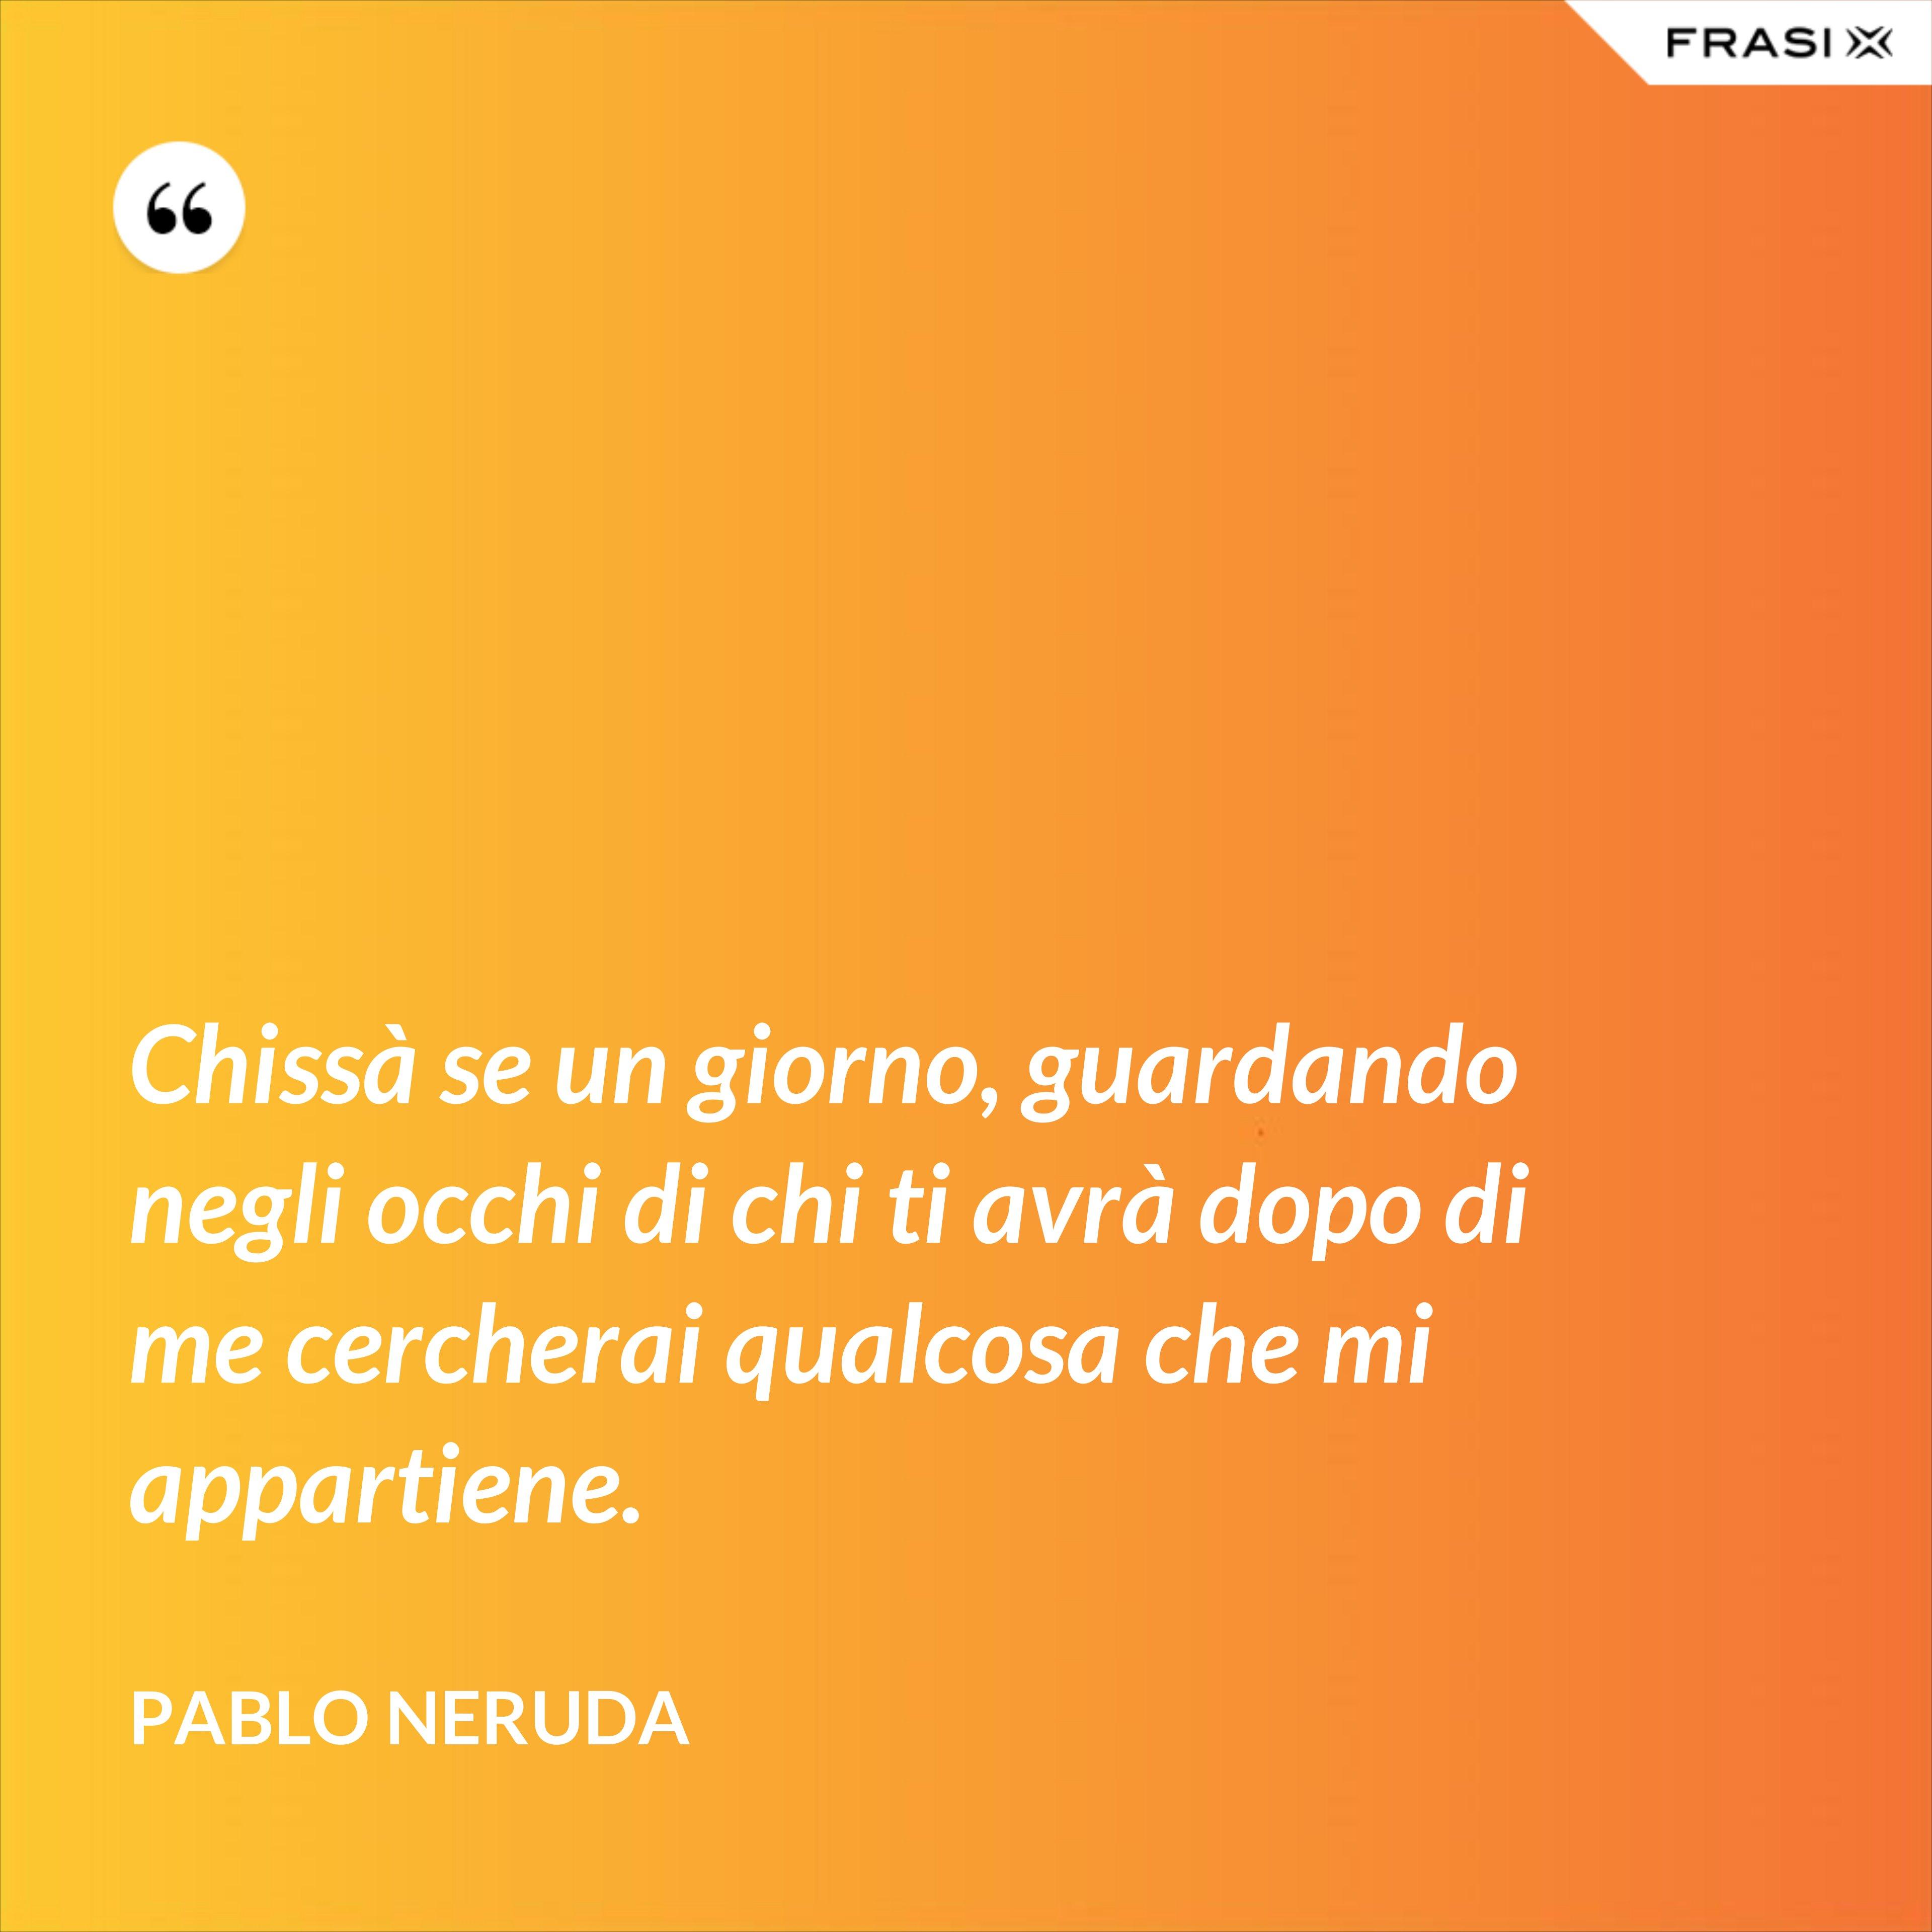 Chissà se un giorno, guardando negli occhi di chi ti avrà dopo di me cercherai qualcosa che mi appartiene. - Pablo Neruda